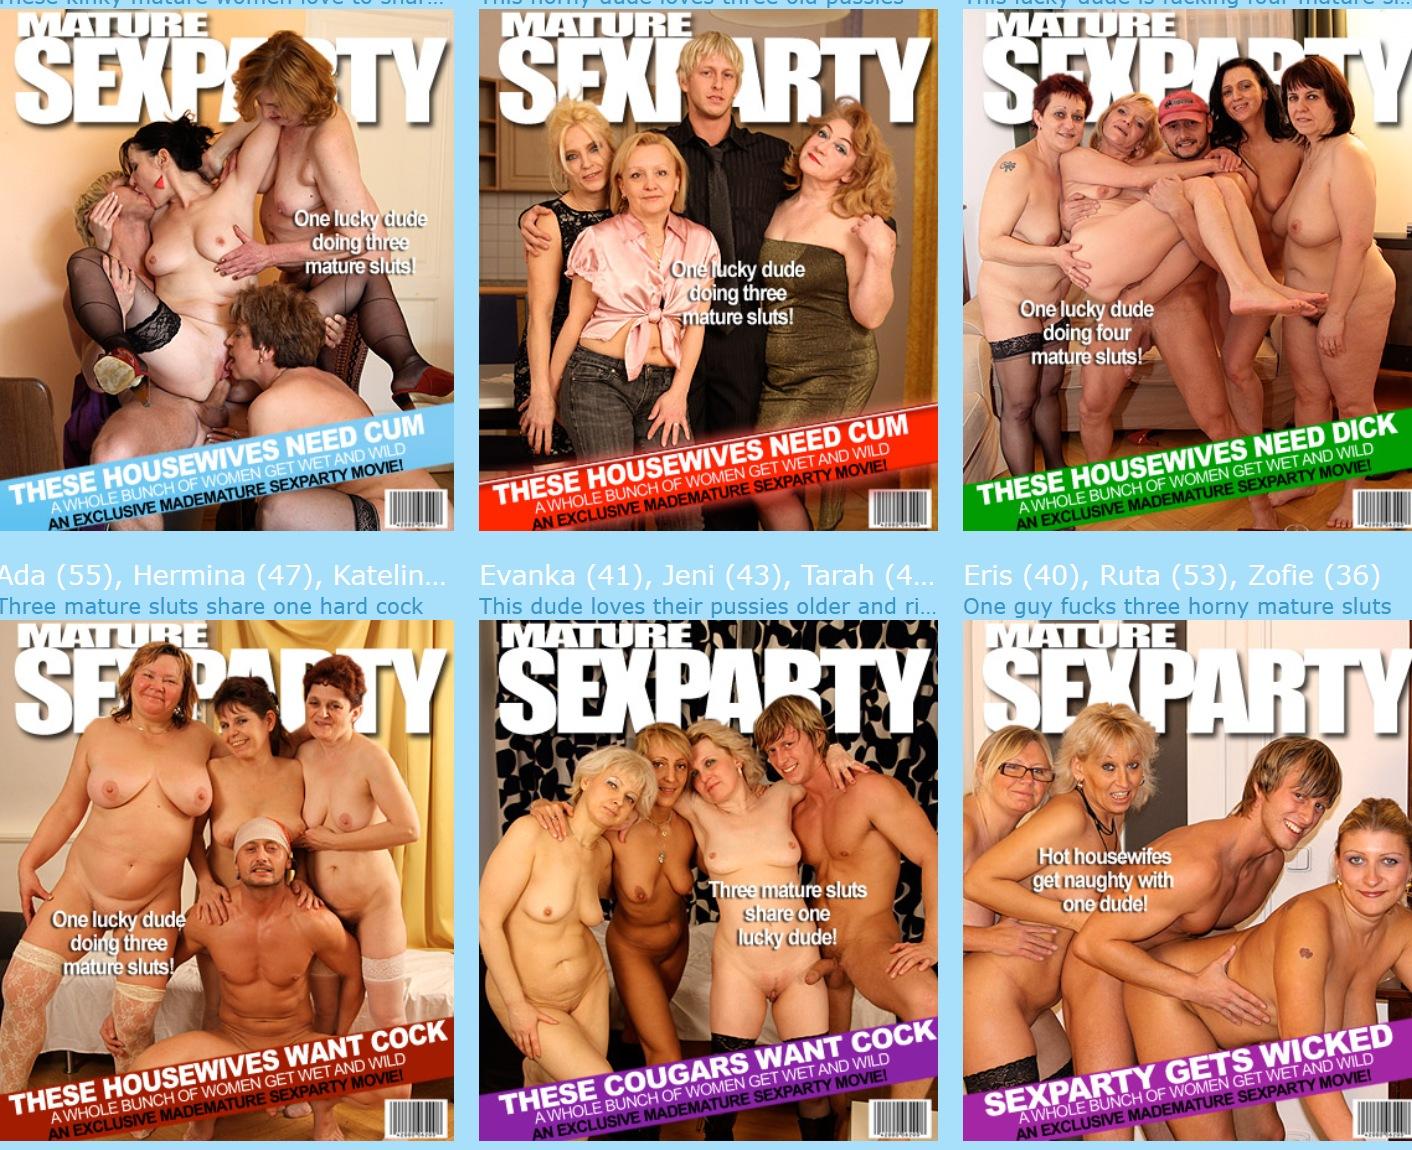 sexparty